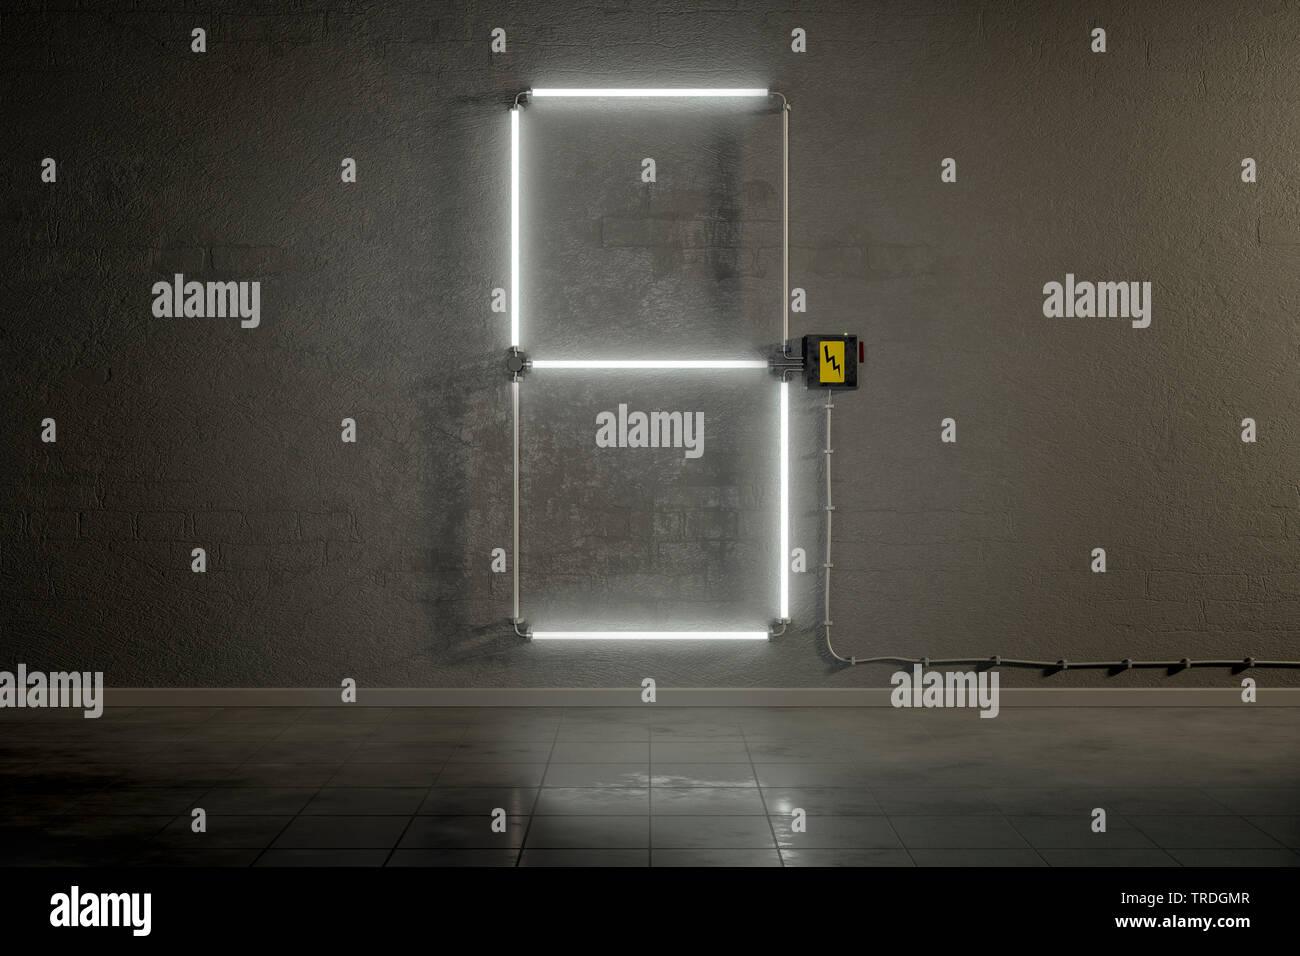 3D-Computergrafik, Einstellige Zaehler-Anzeige aus Neonlampen die Zahl 5 darstellend    3D computer graphic, one-digit counter built out of neon tubes - Stock Image